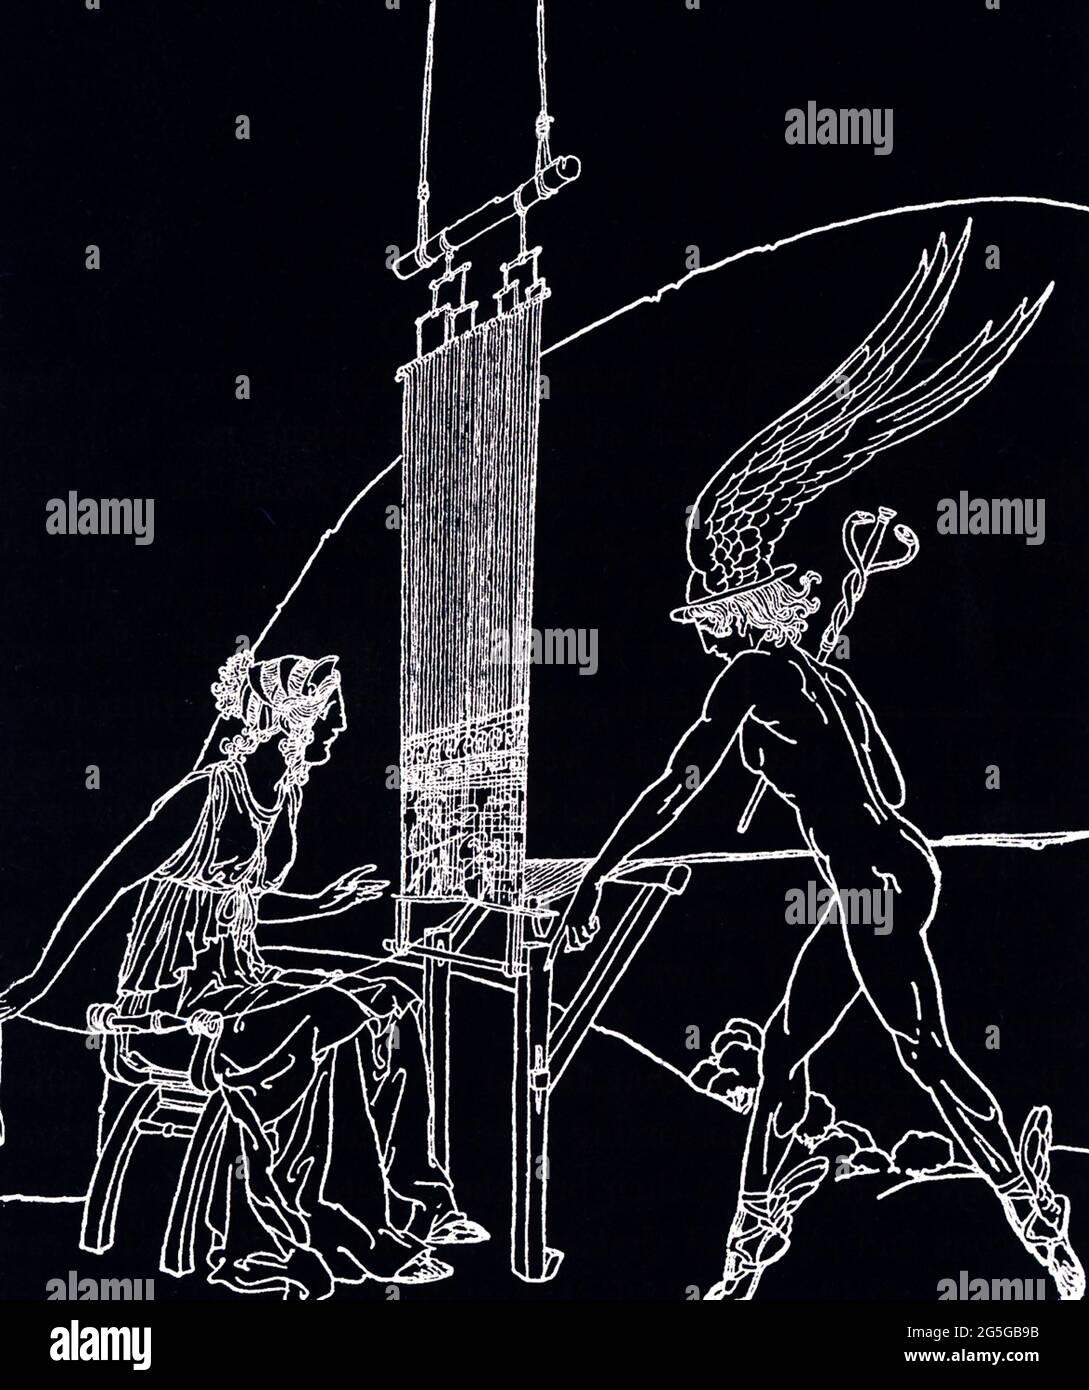 Hermes Griechischer Gott Stockfotos Und Bilder Kaufen Alamy